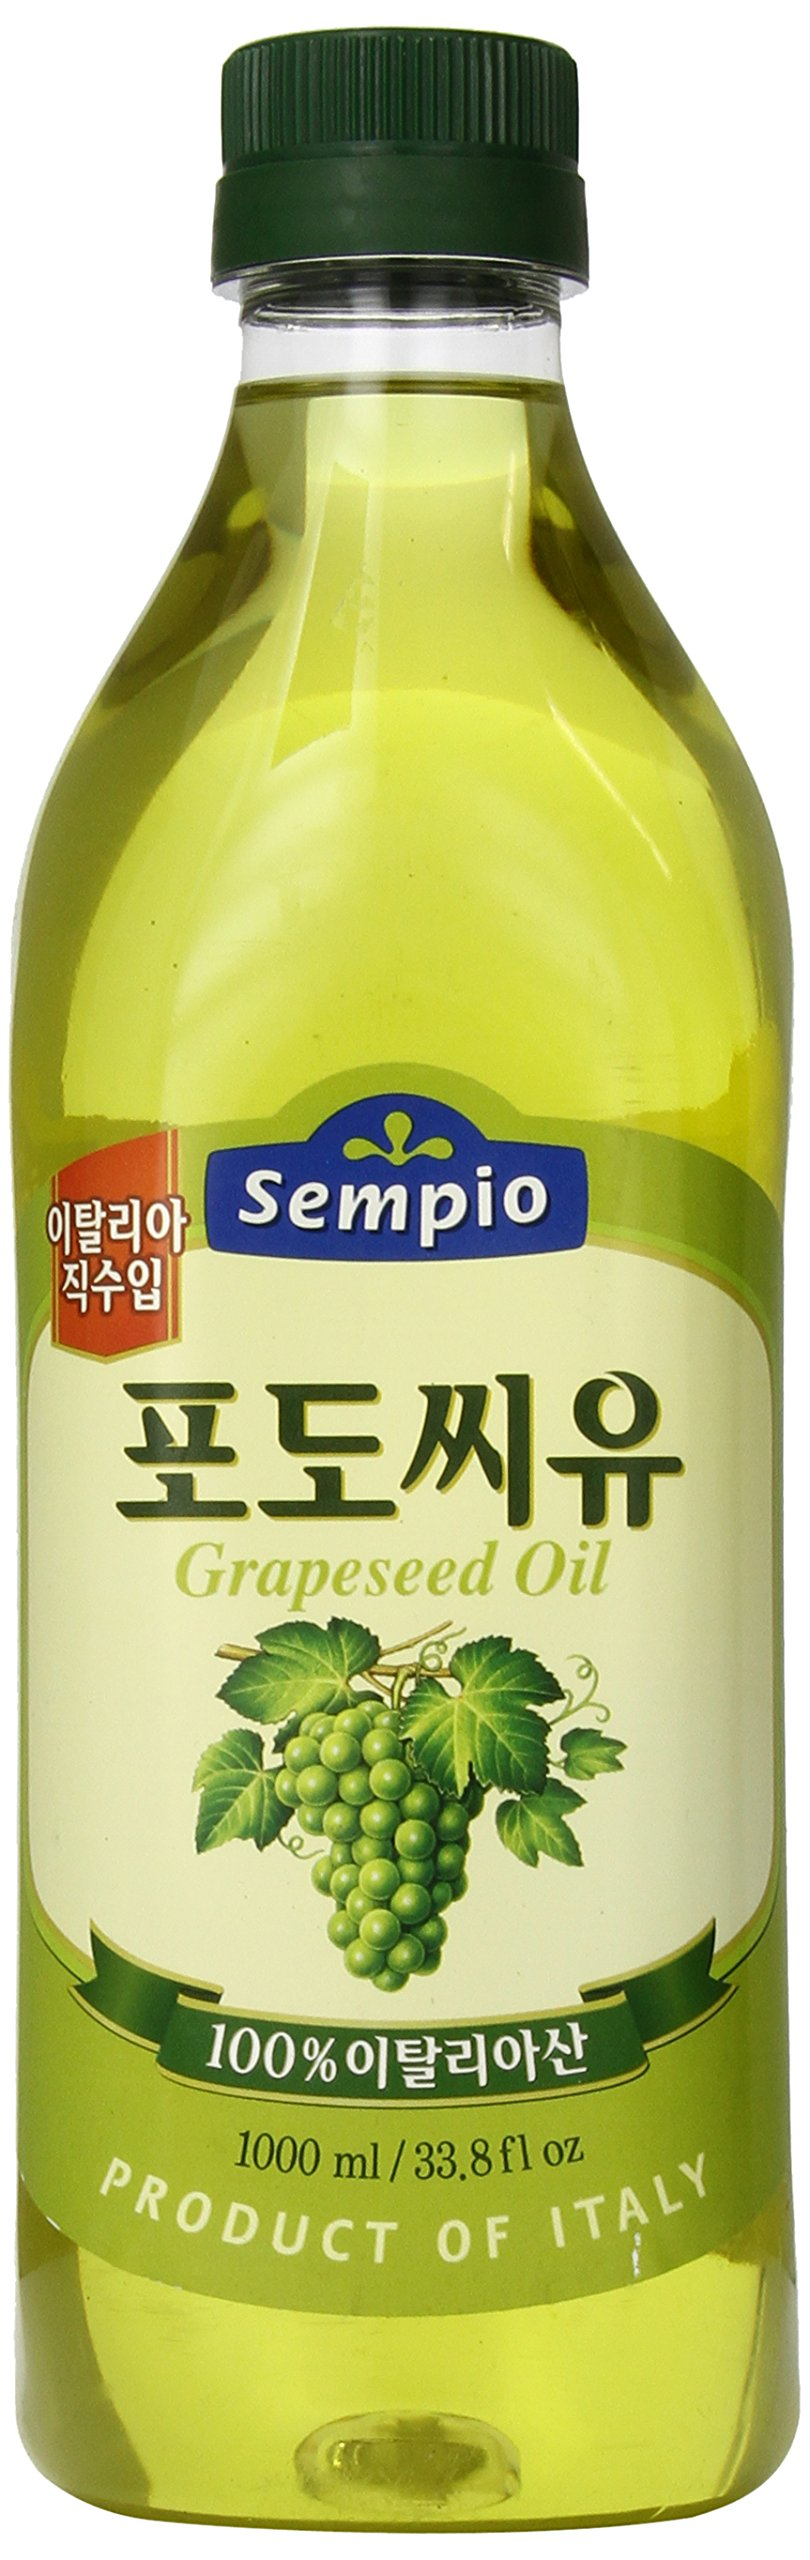 Sempio Grapeseed Oil, 33.81 Ounce by Sempio